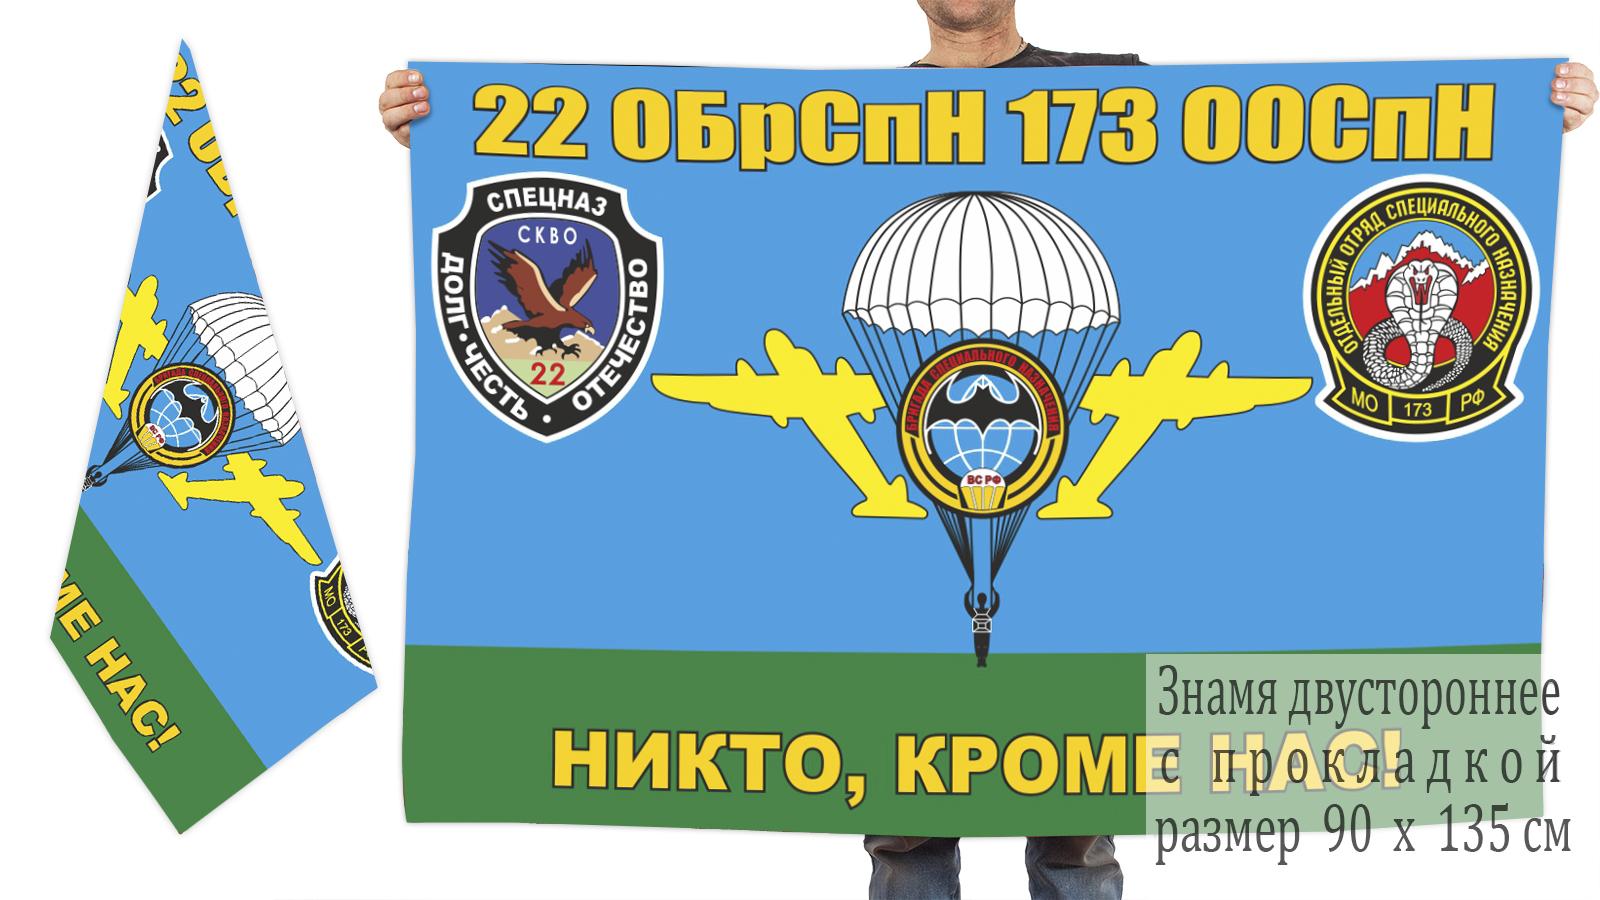 Двусторонний флаг 22 ОБрСпН 173 ООСпН